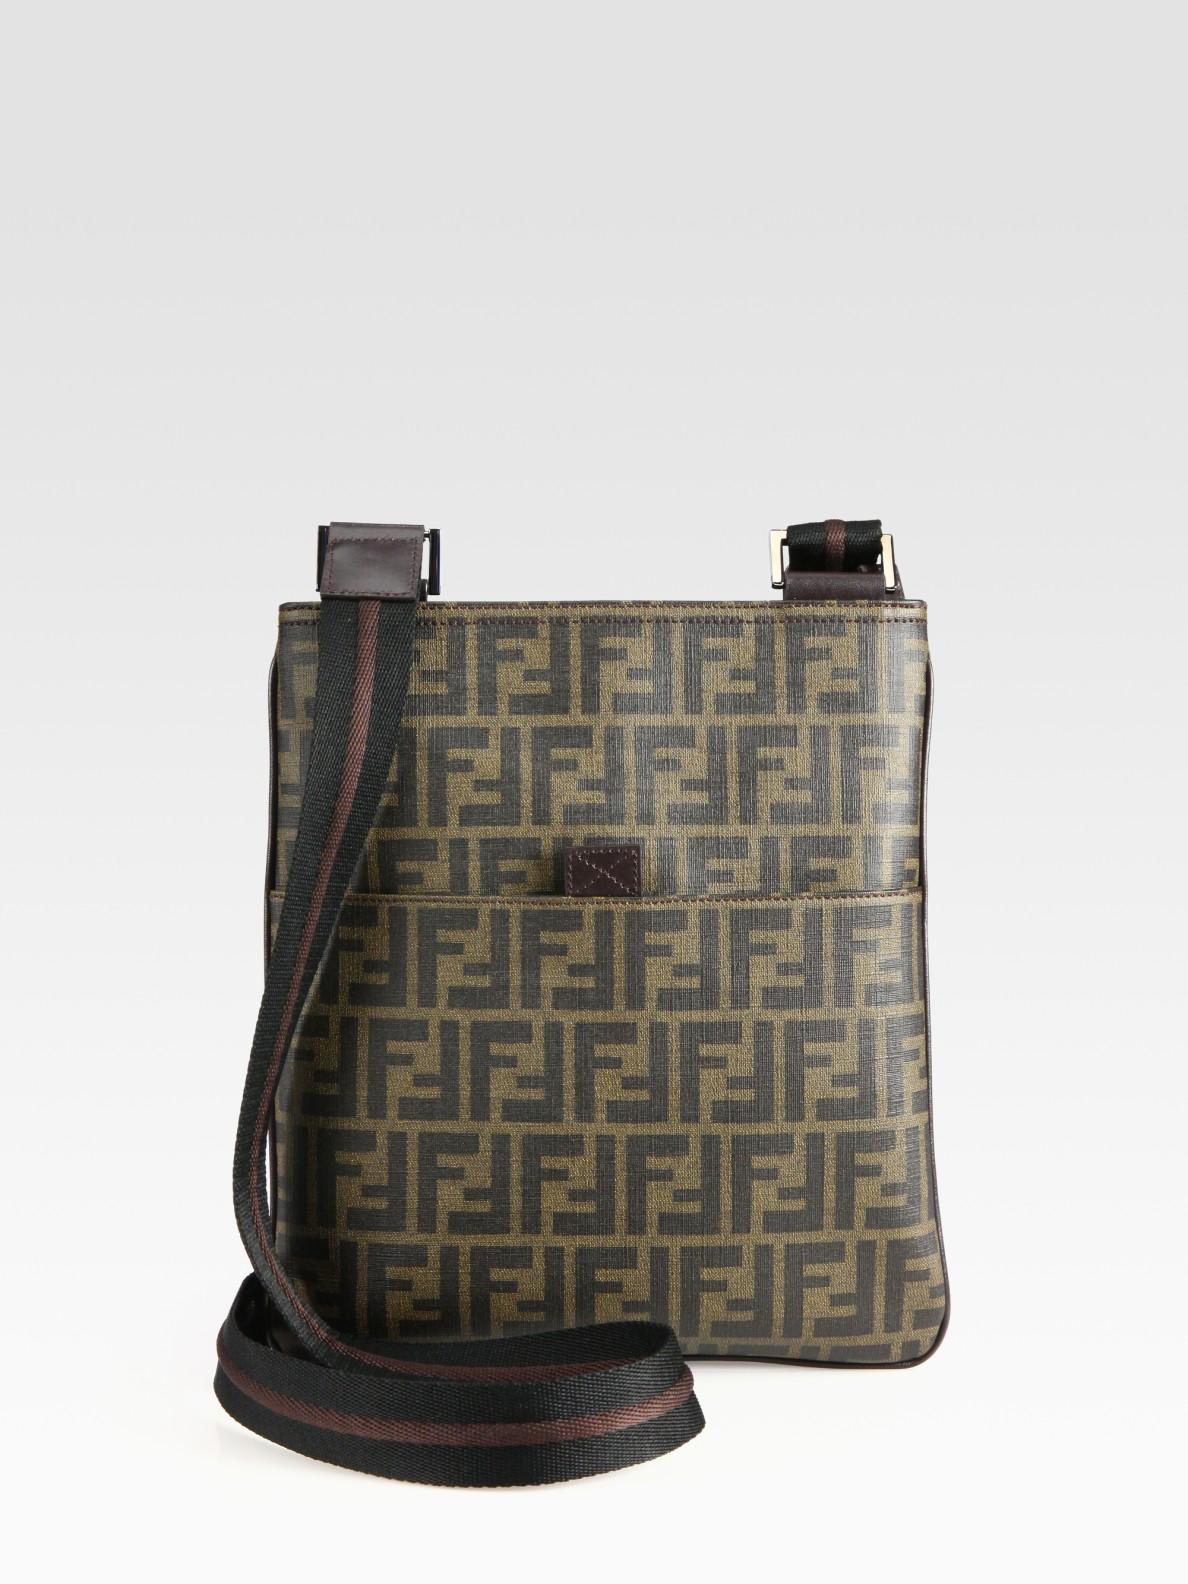 ... sale lyst fendi zucca small messenger bag in black for men 7ef90 75913  ... d95e0e65d86c7